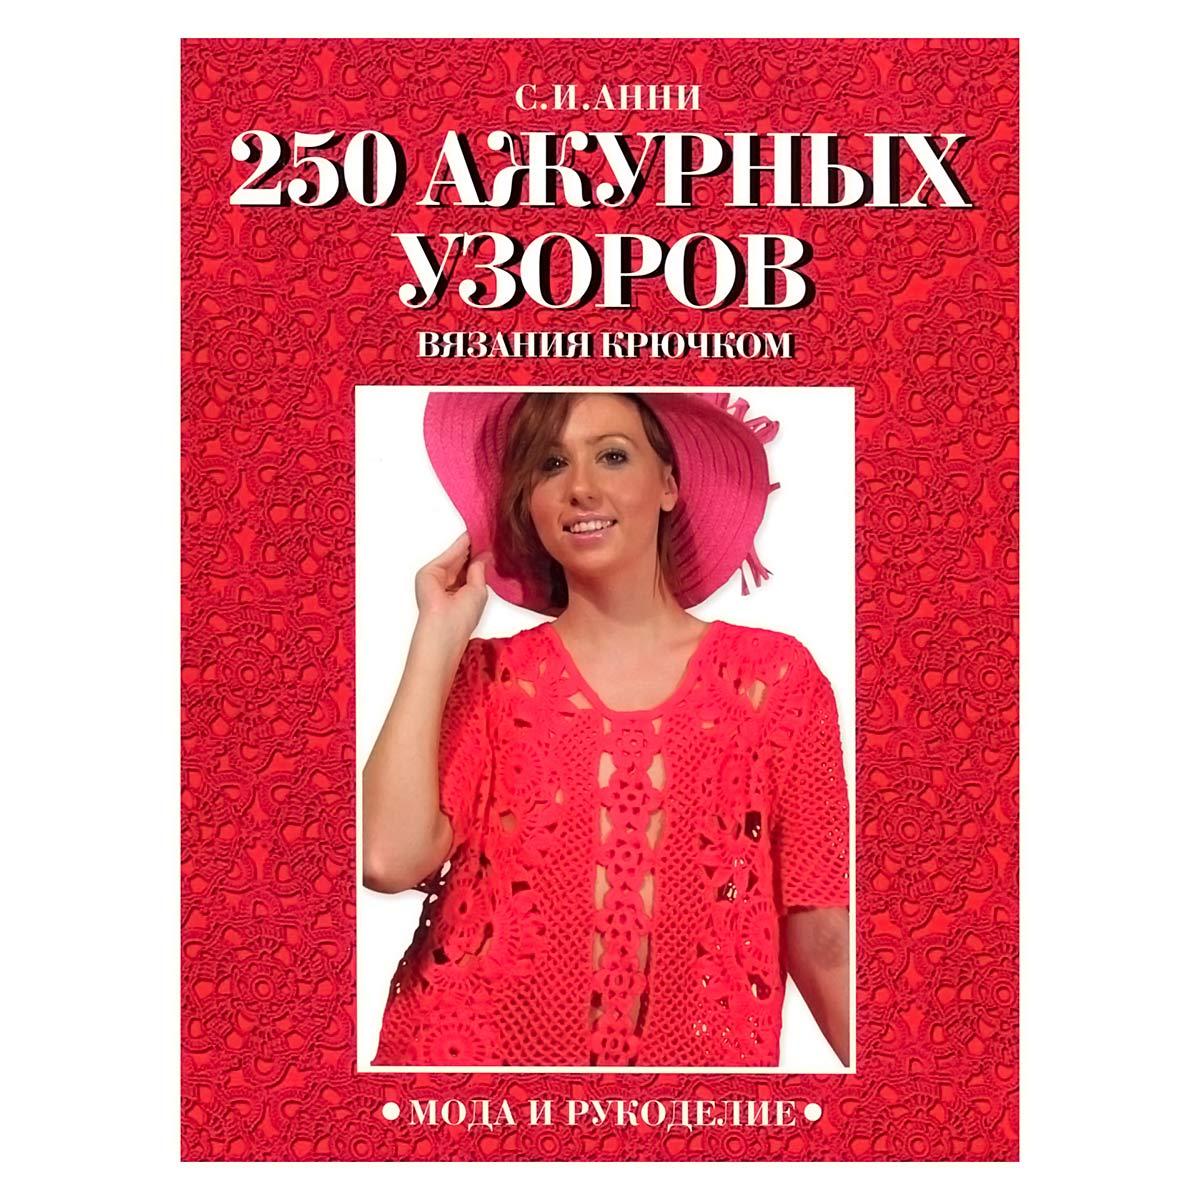 250 ажурных узоров (Анни С.И.)